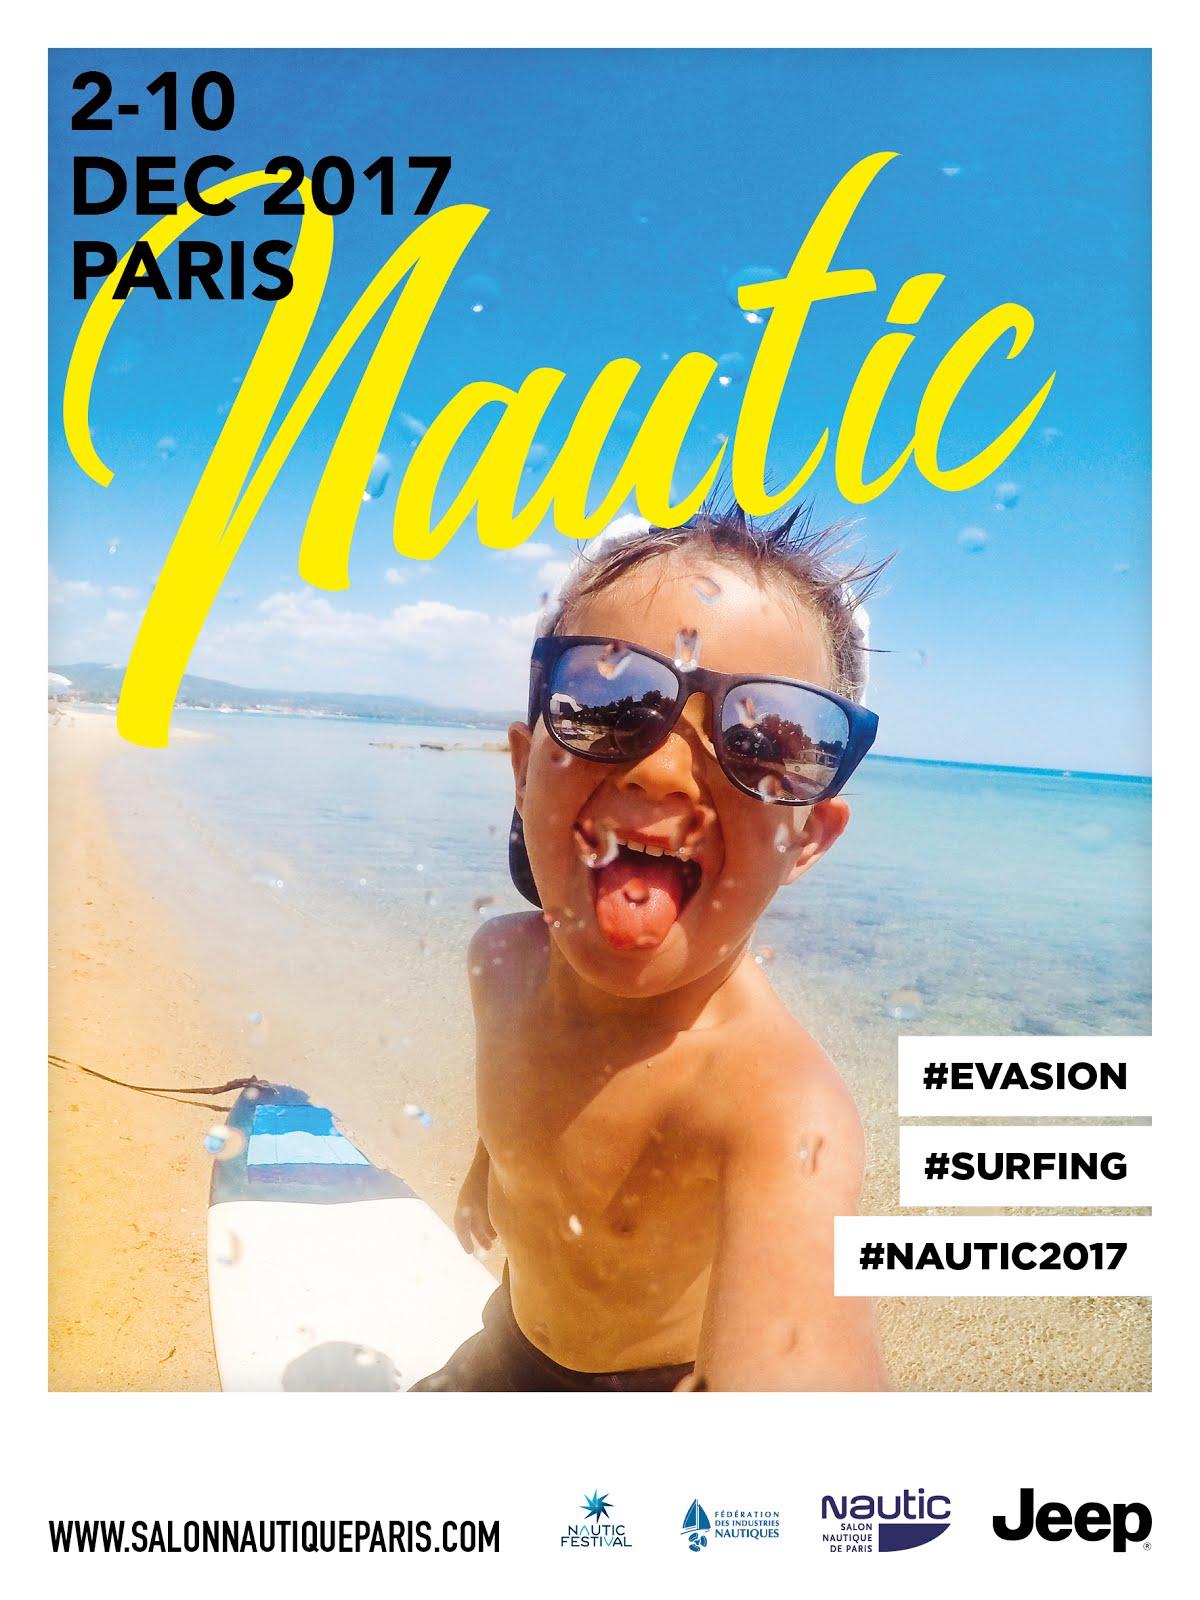 Visuel le nautic 2017 s 39 affiche et change de style for Salon ce paris 2017